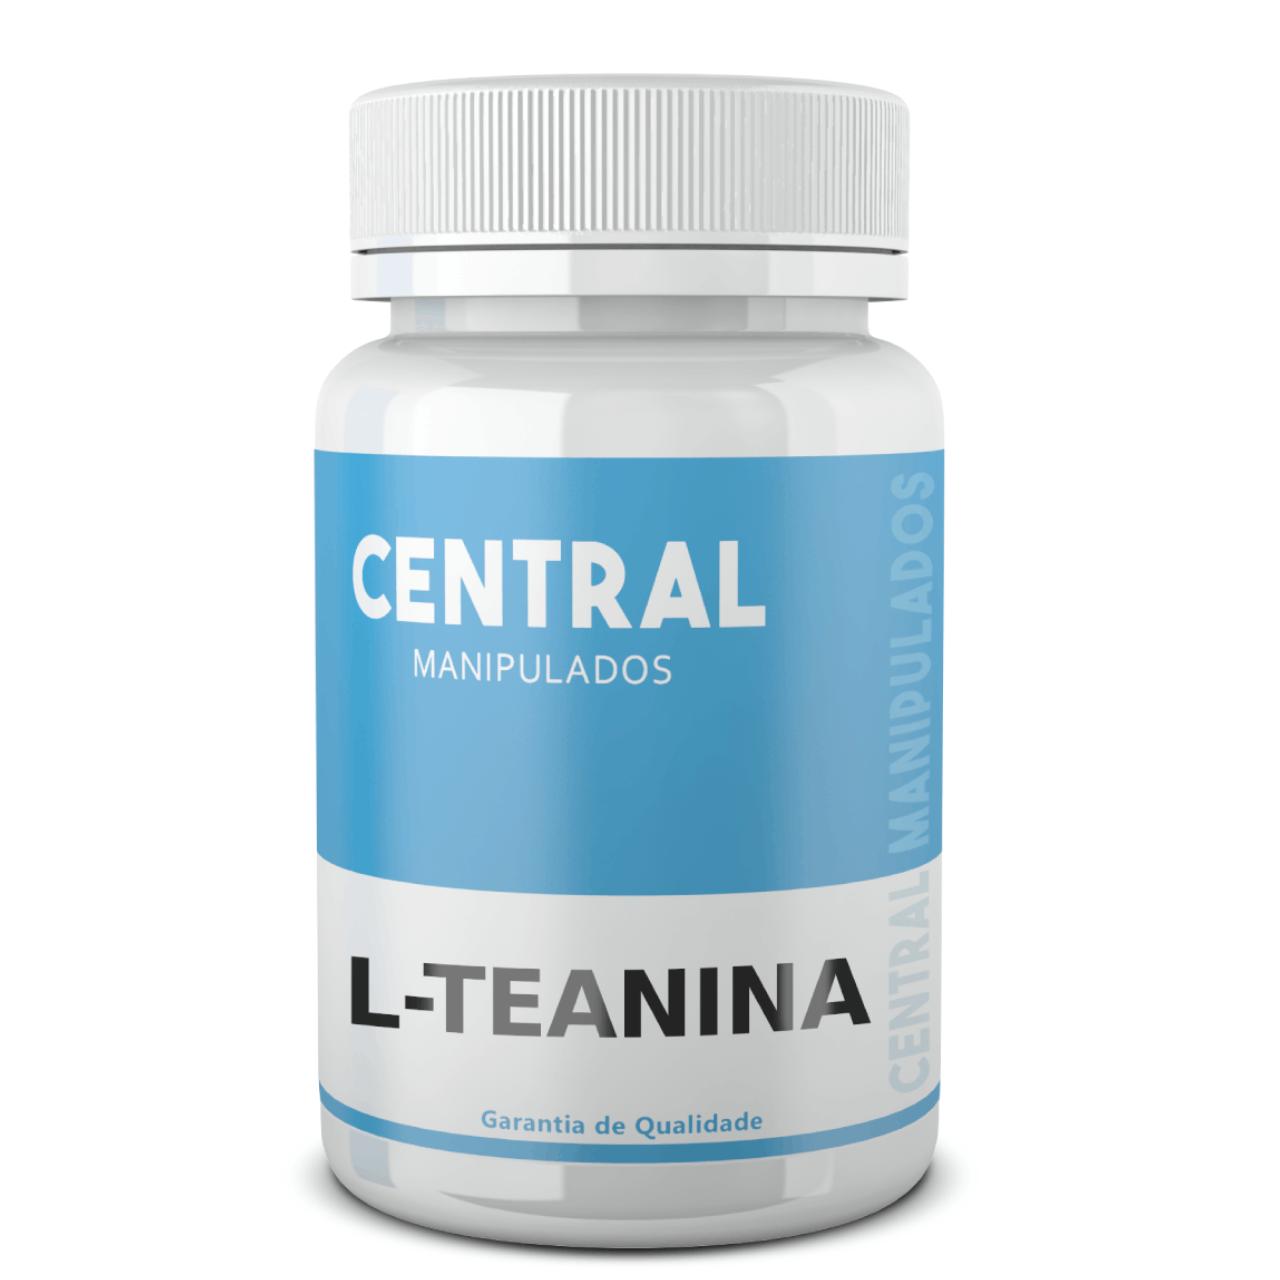 L teanina 200mg - 120 cápsulas - Reduz Ansiedade, Estresse e TPM,  Aumentar sistema imunológico,  Atenua Hipertensão